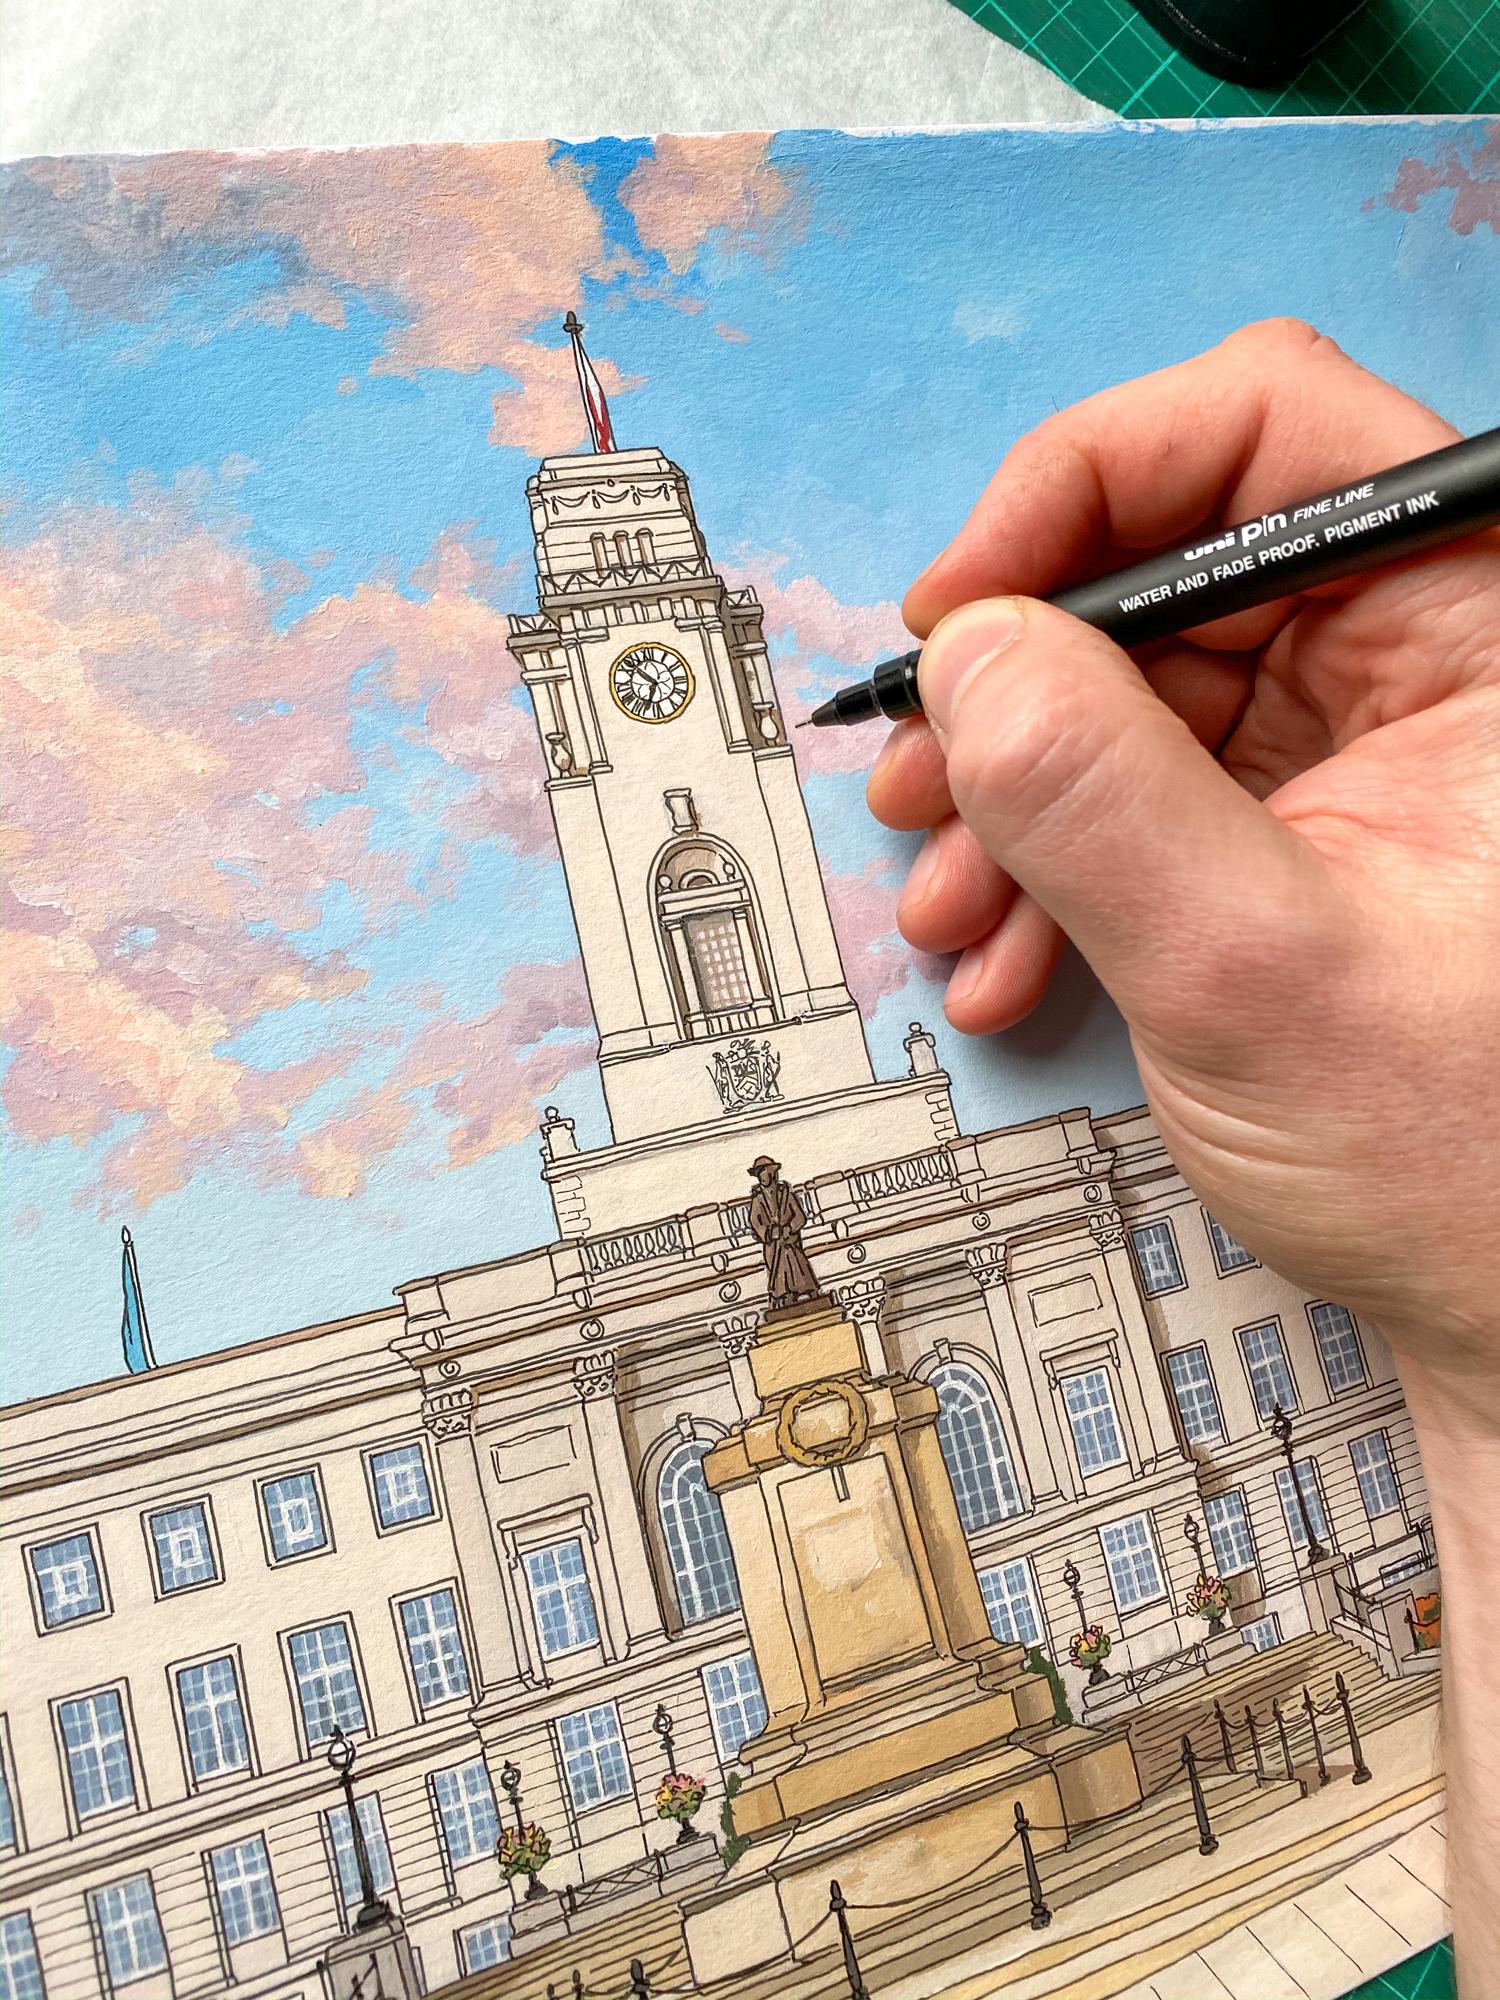 Barnsley Town Hall on the easel - Illustration by Jonathan Chapman